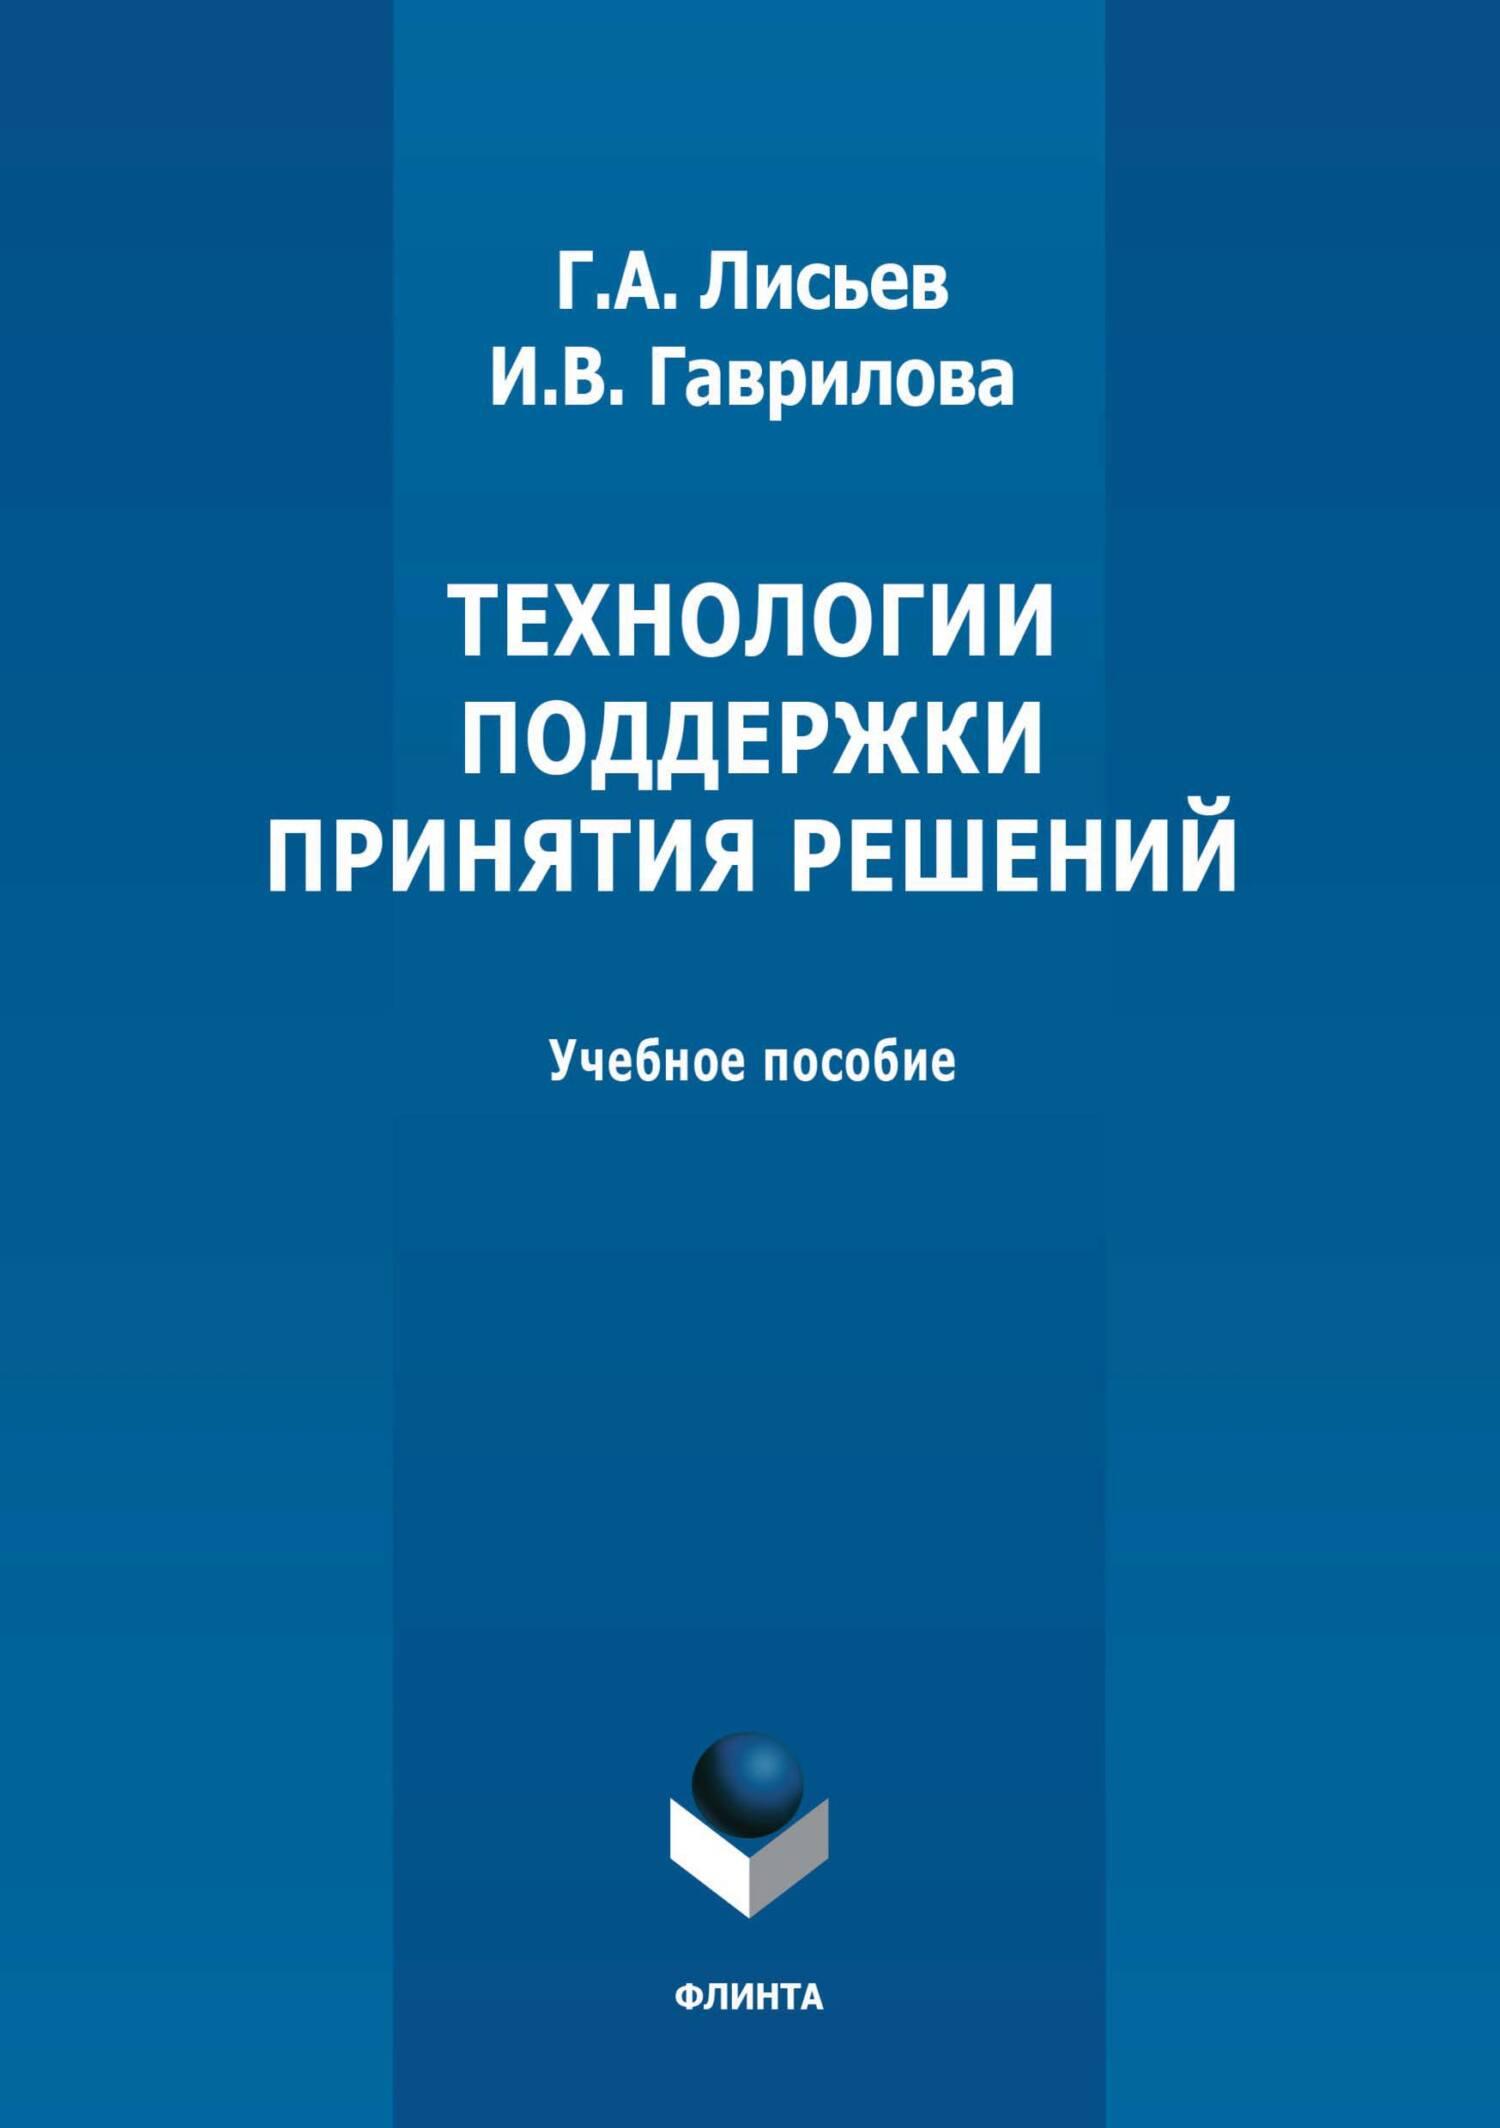 Г. А. Лисьев Технологии поддержки принятия решений. Учебное пособие г а лисьев технологии поддержки принятия решений учебное пособие